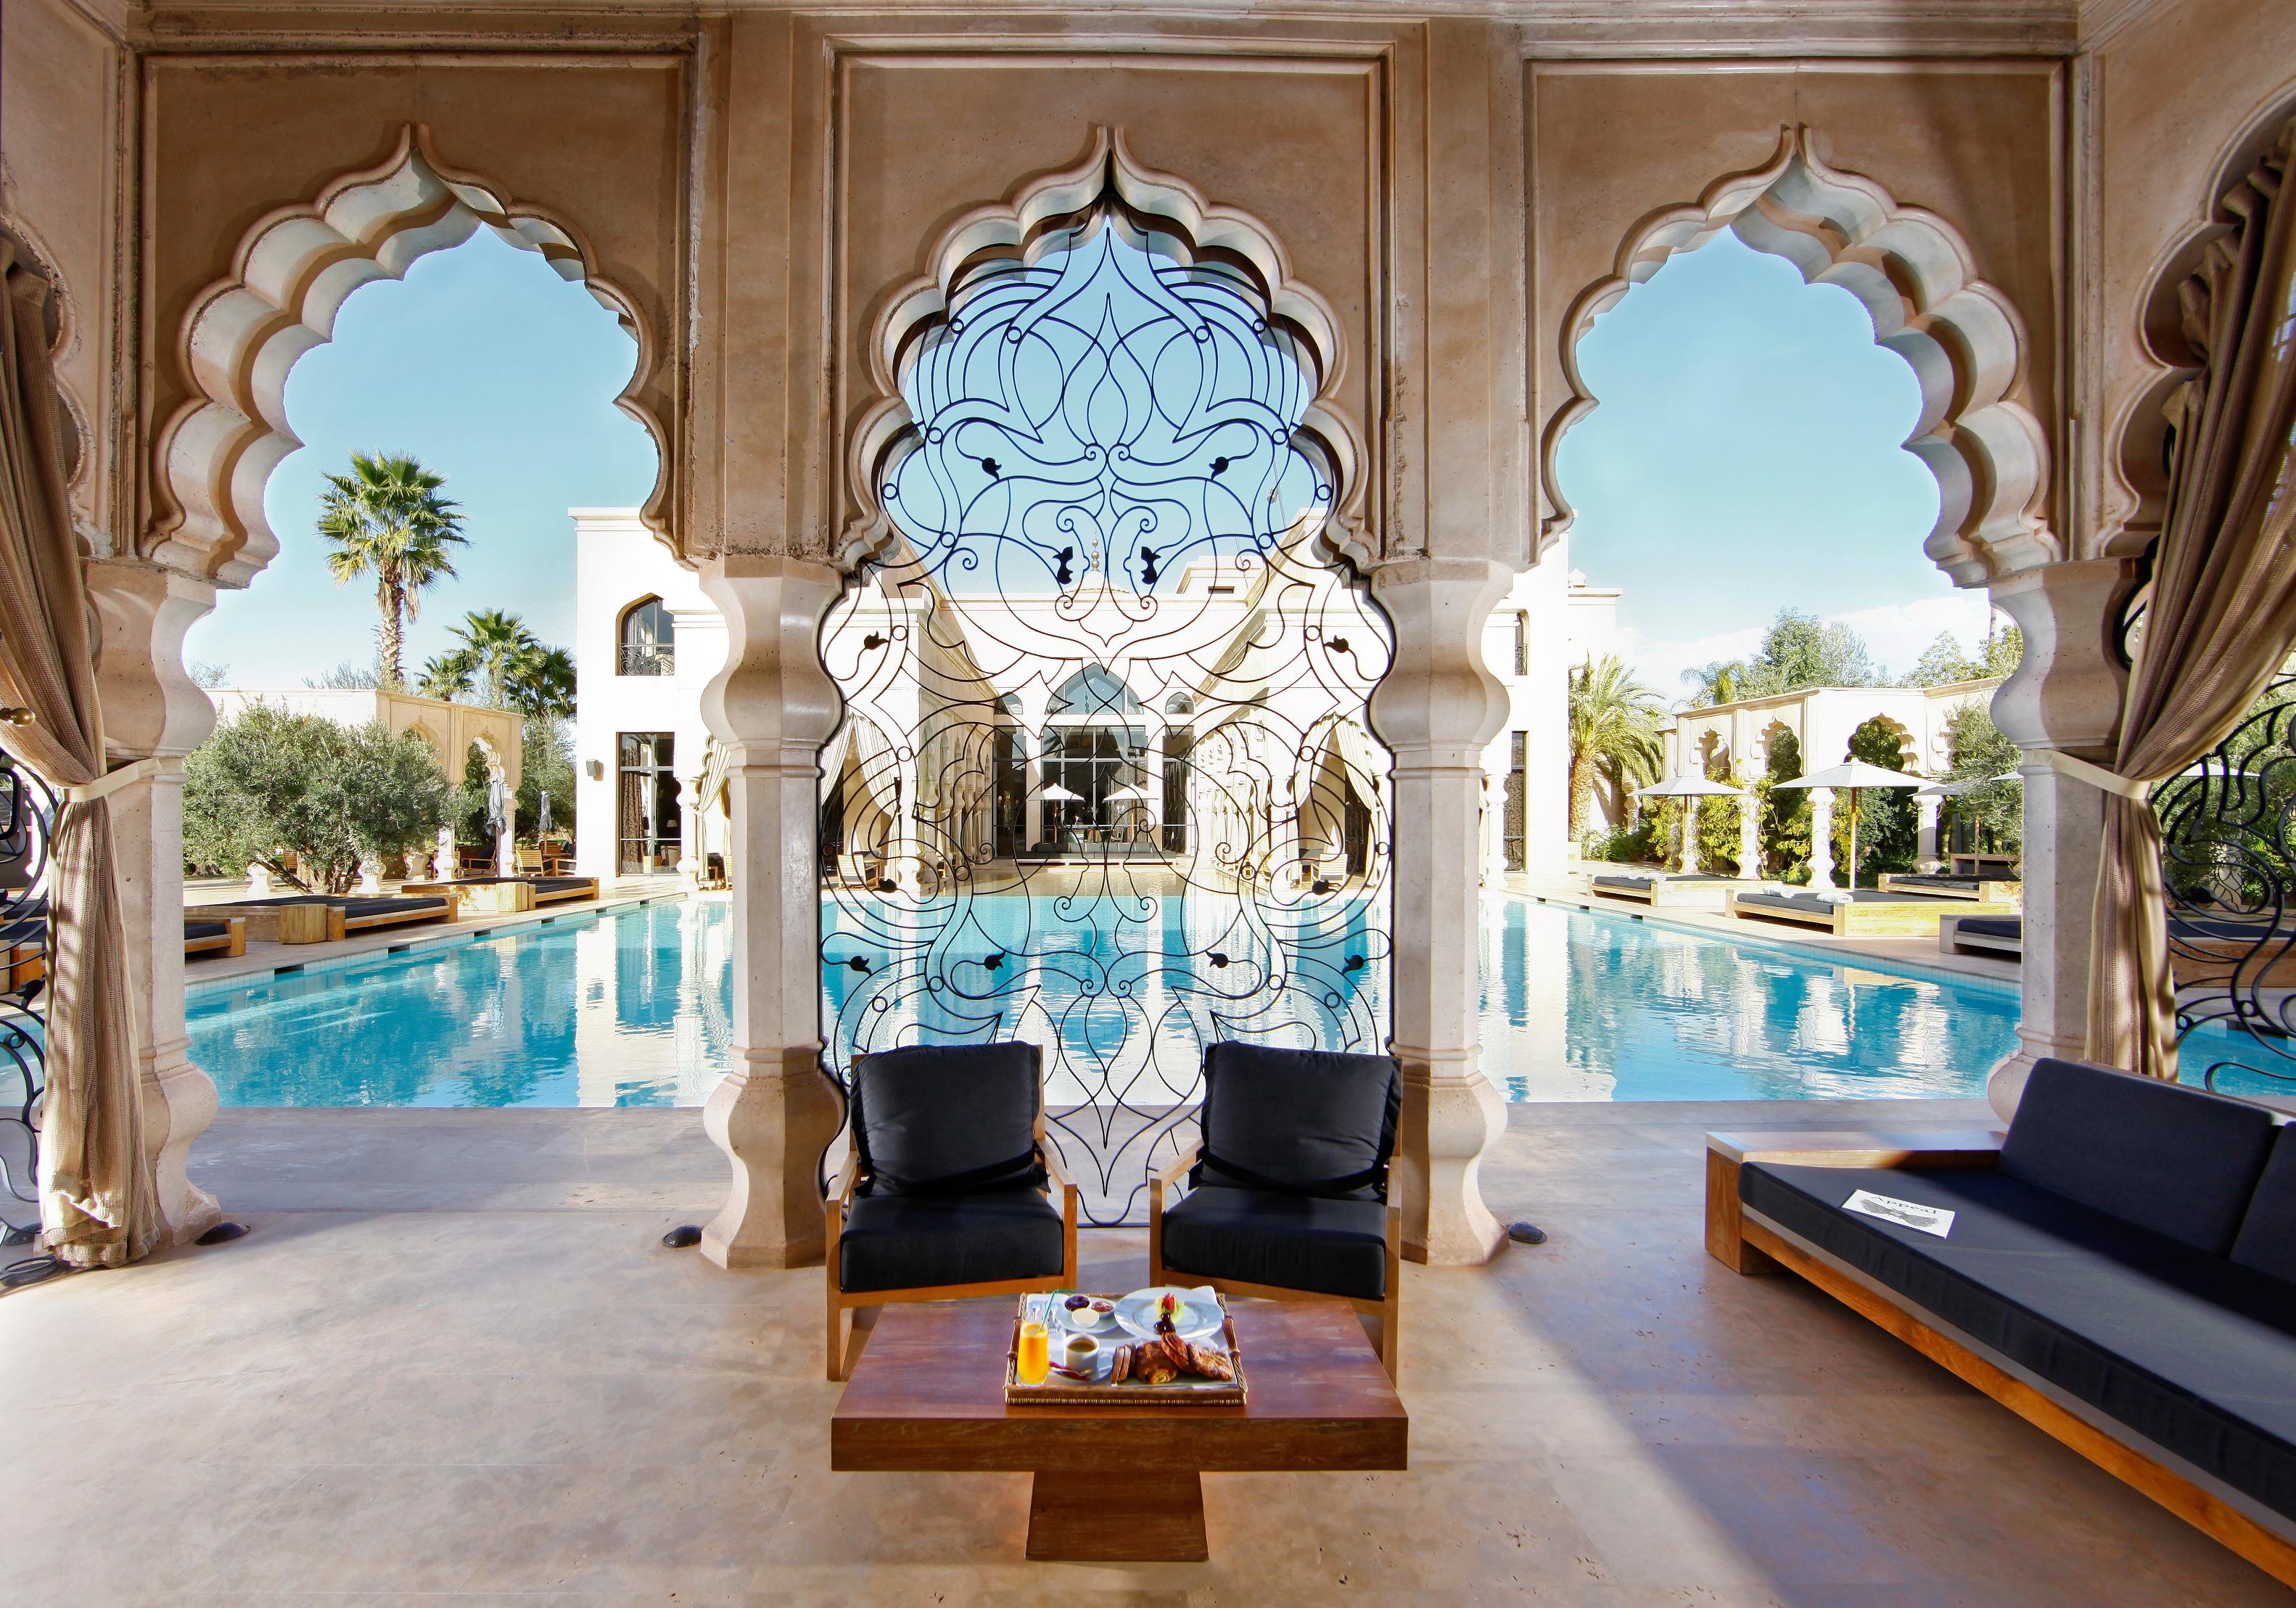 Le palais namaskar : luxe, calme et volupté à marrakech   luxsure